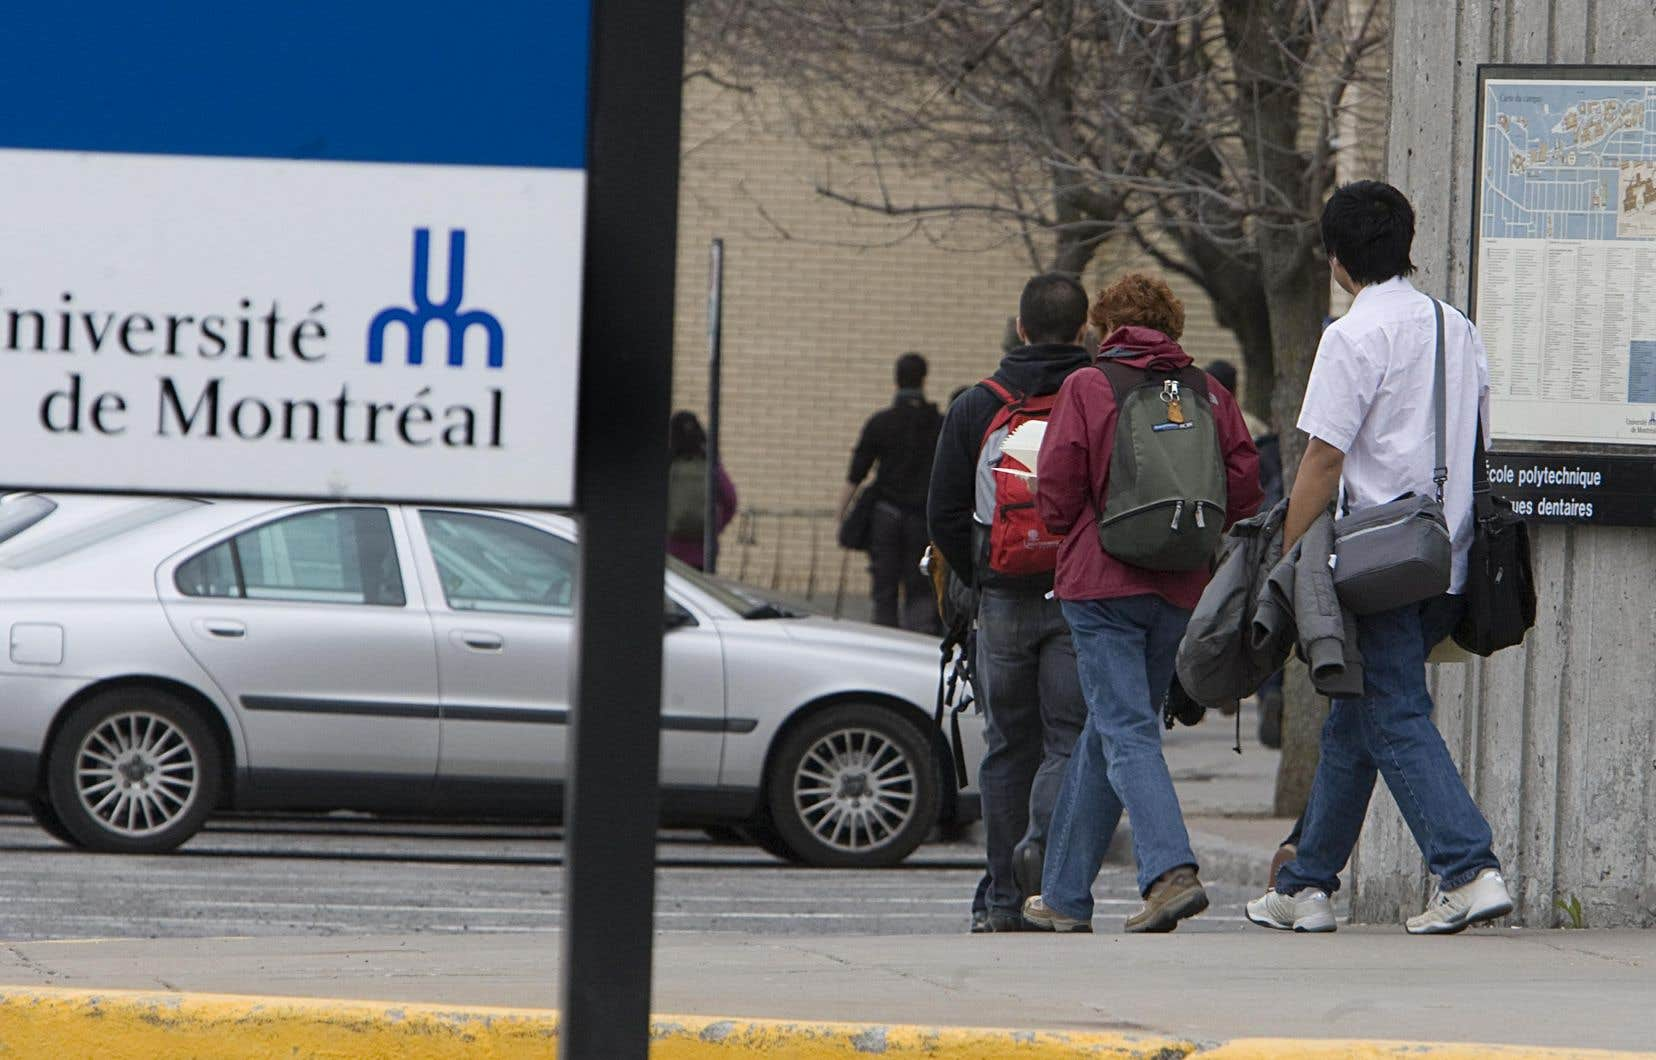 «À l'Université de Montréal, ce ne sont que 14% des programmes d'études qui sont désormais inclus dans la nouvelle liste de formations admissibles au PEQ», soulignent les auteurs.